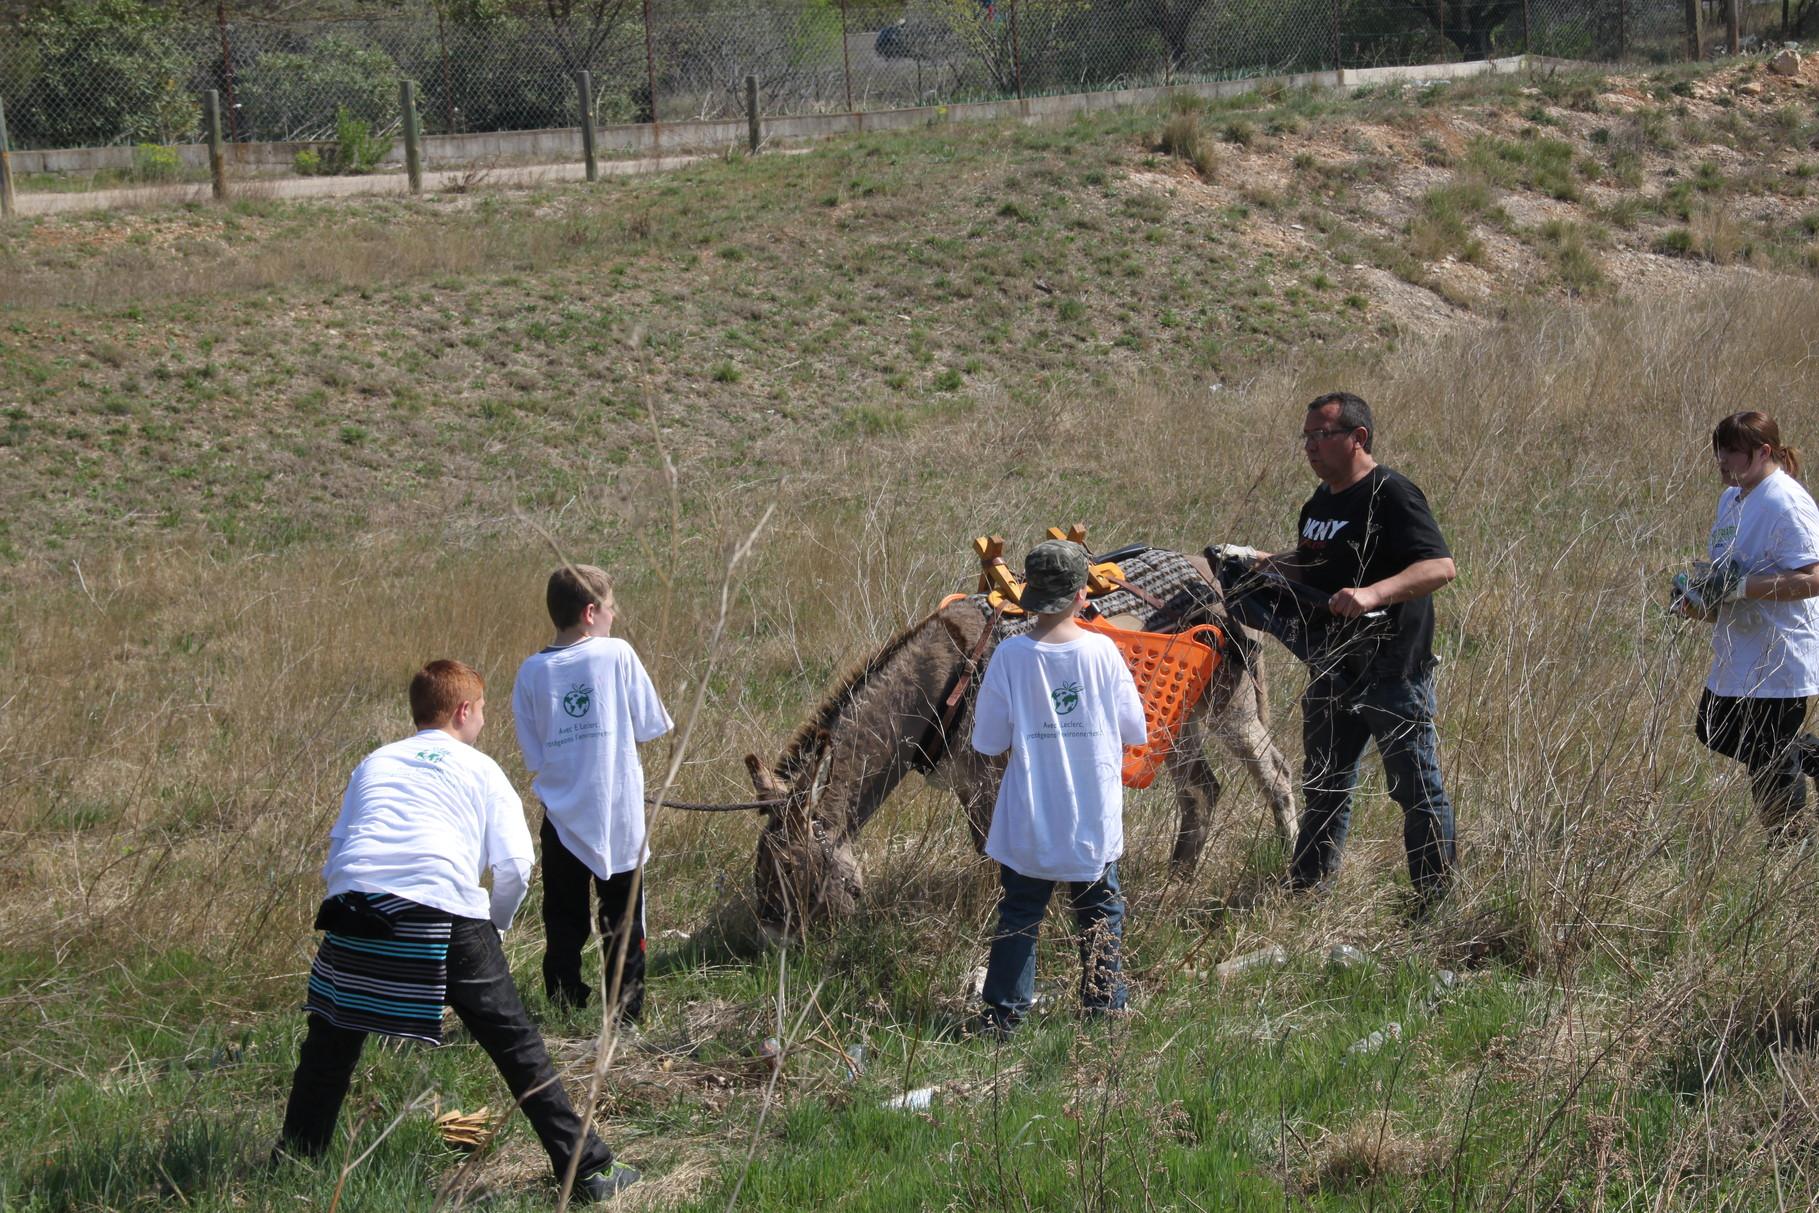 Les ânes participent eux-aussi en coupant l'herbe au plus ras.